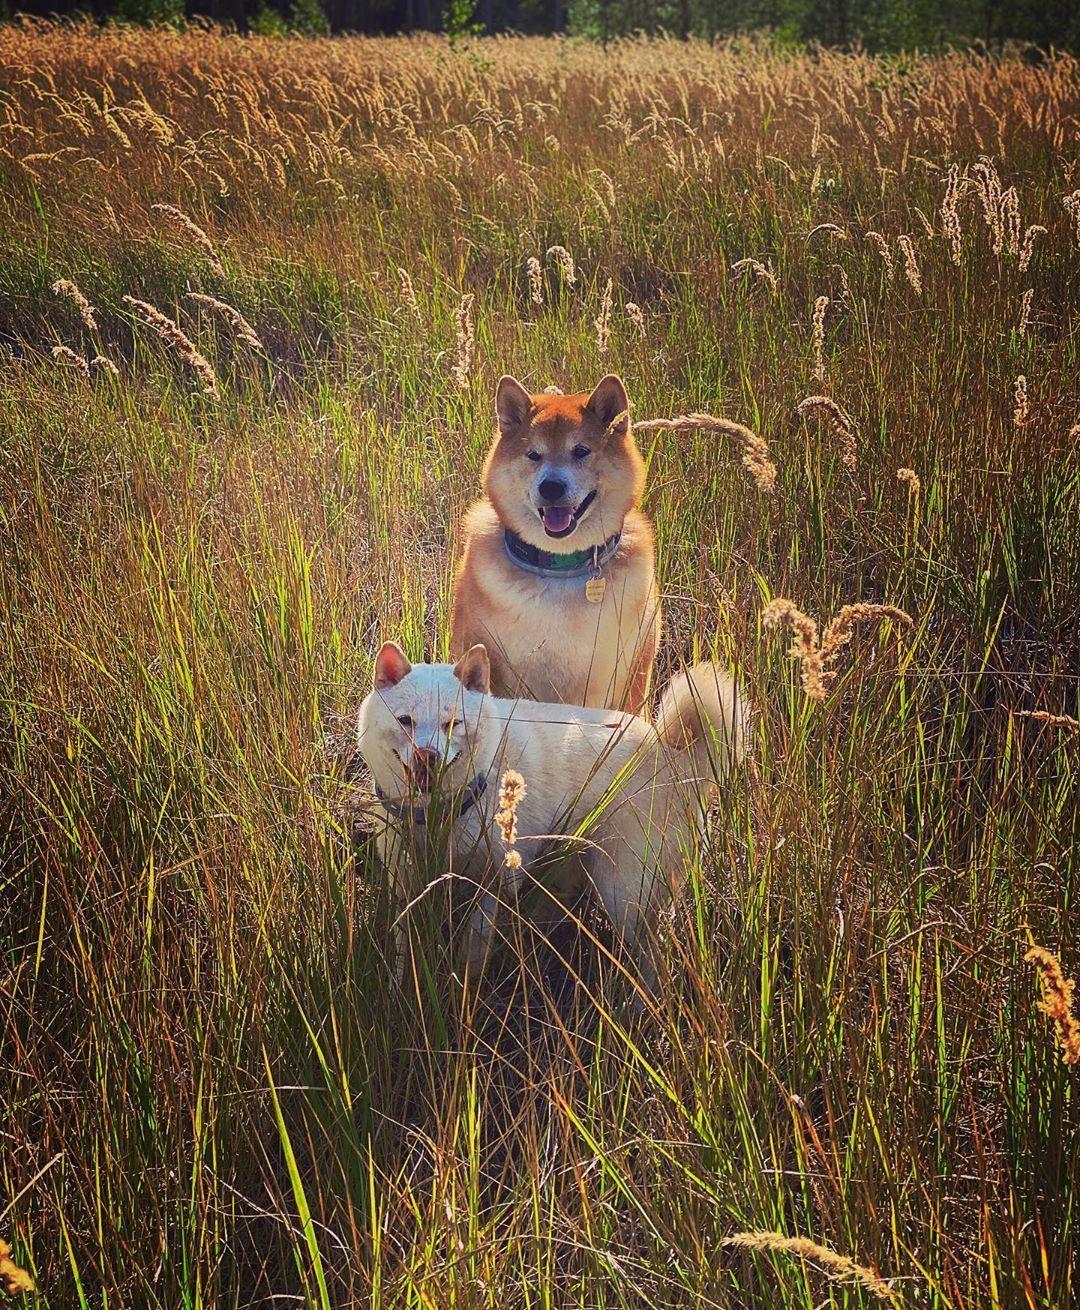 Астафьева показала, как отдохнула в лесу с домашними любимцами / фото instagram.com/da_astafieva